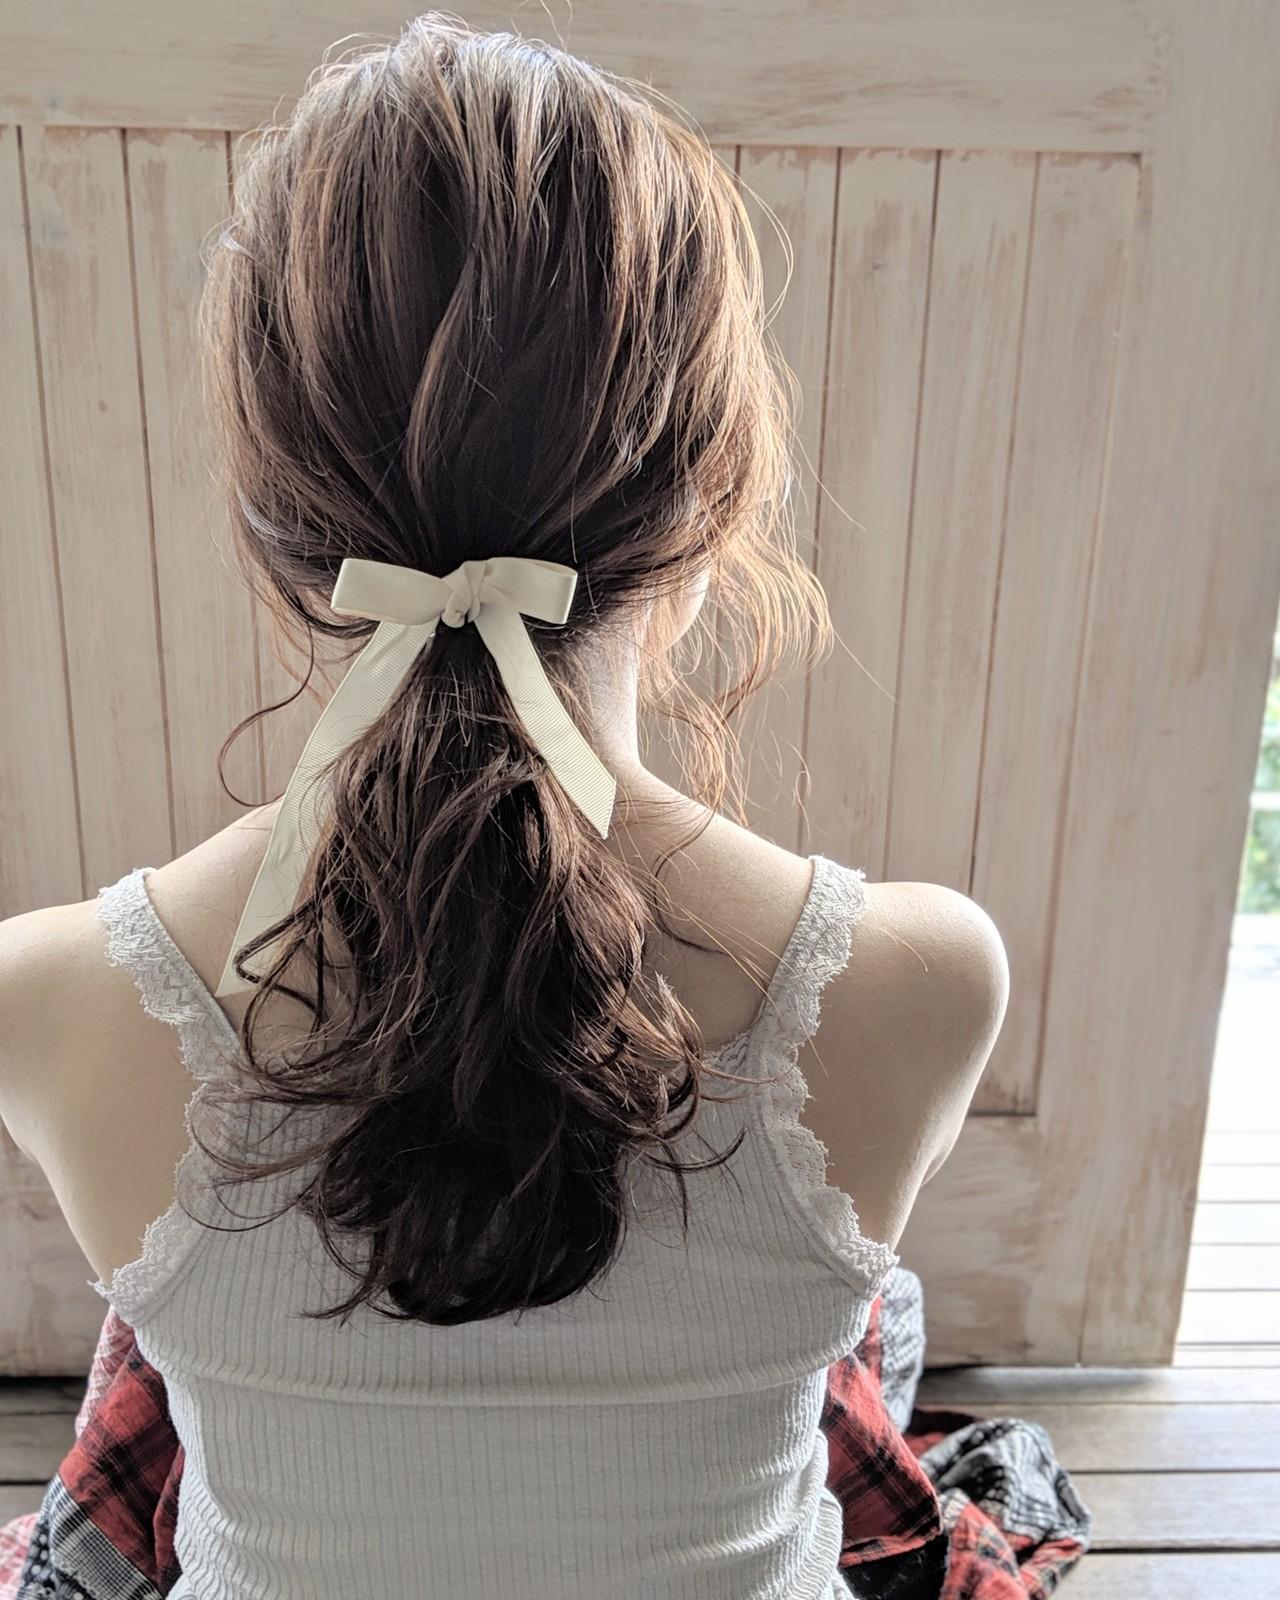 ヘアアレンジ ロング ポニーテール フェミニン ヘアスタイルや髪型の写真・画像